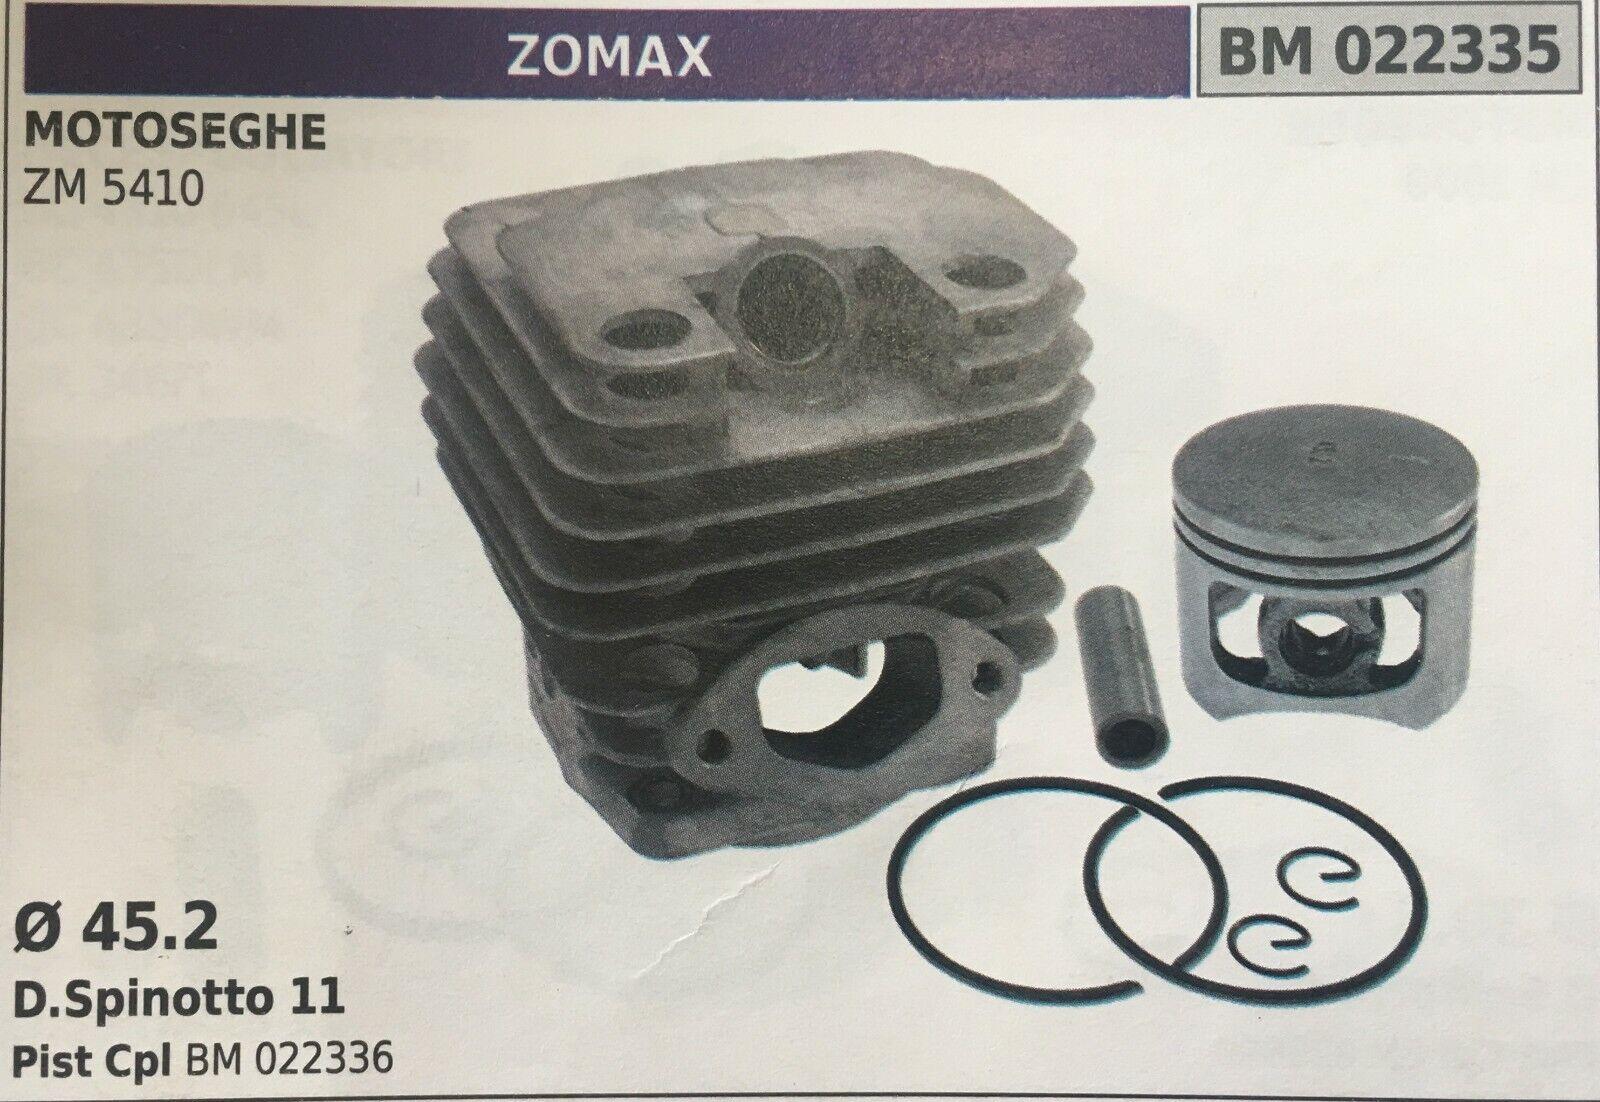 Cilindro Completo por Pistón y Segmentos Brumar BM022335 Motosierra Zomax